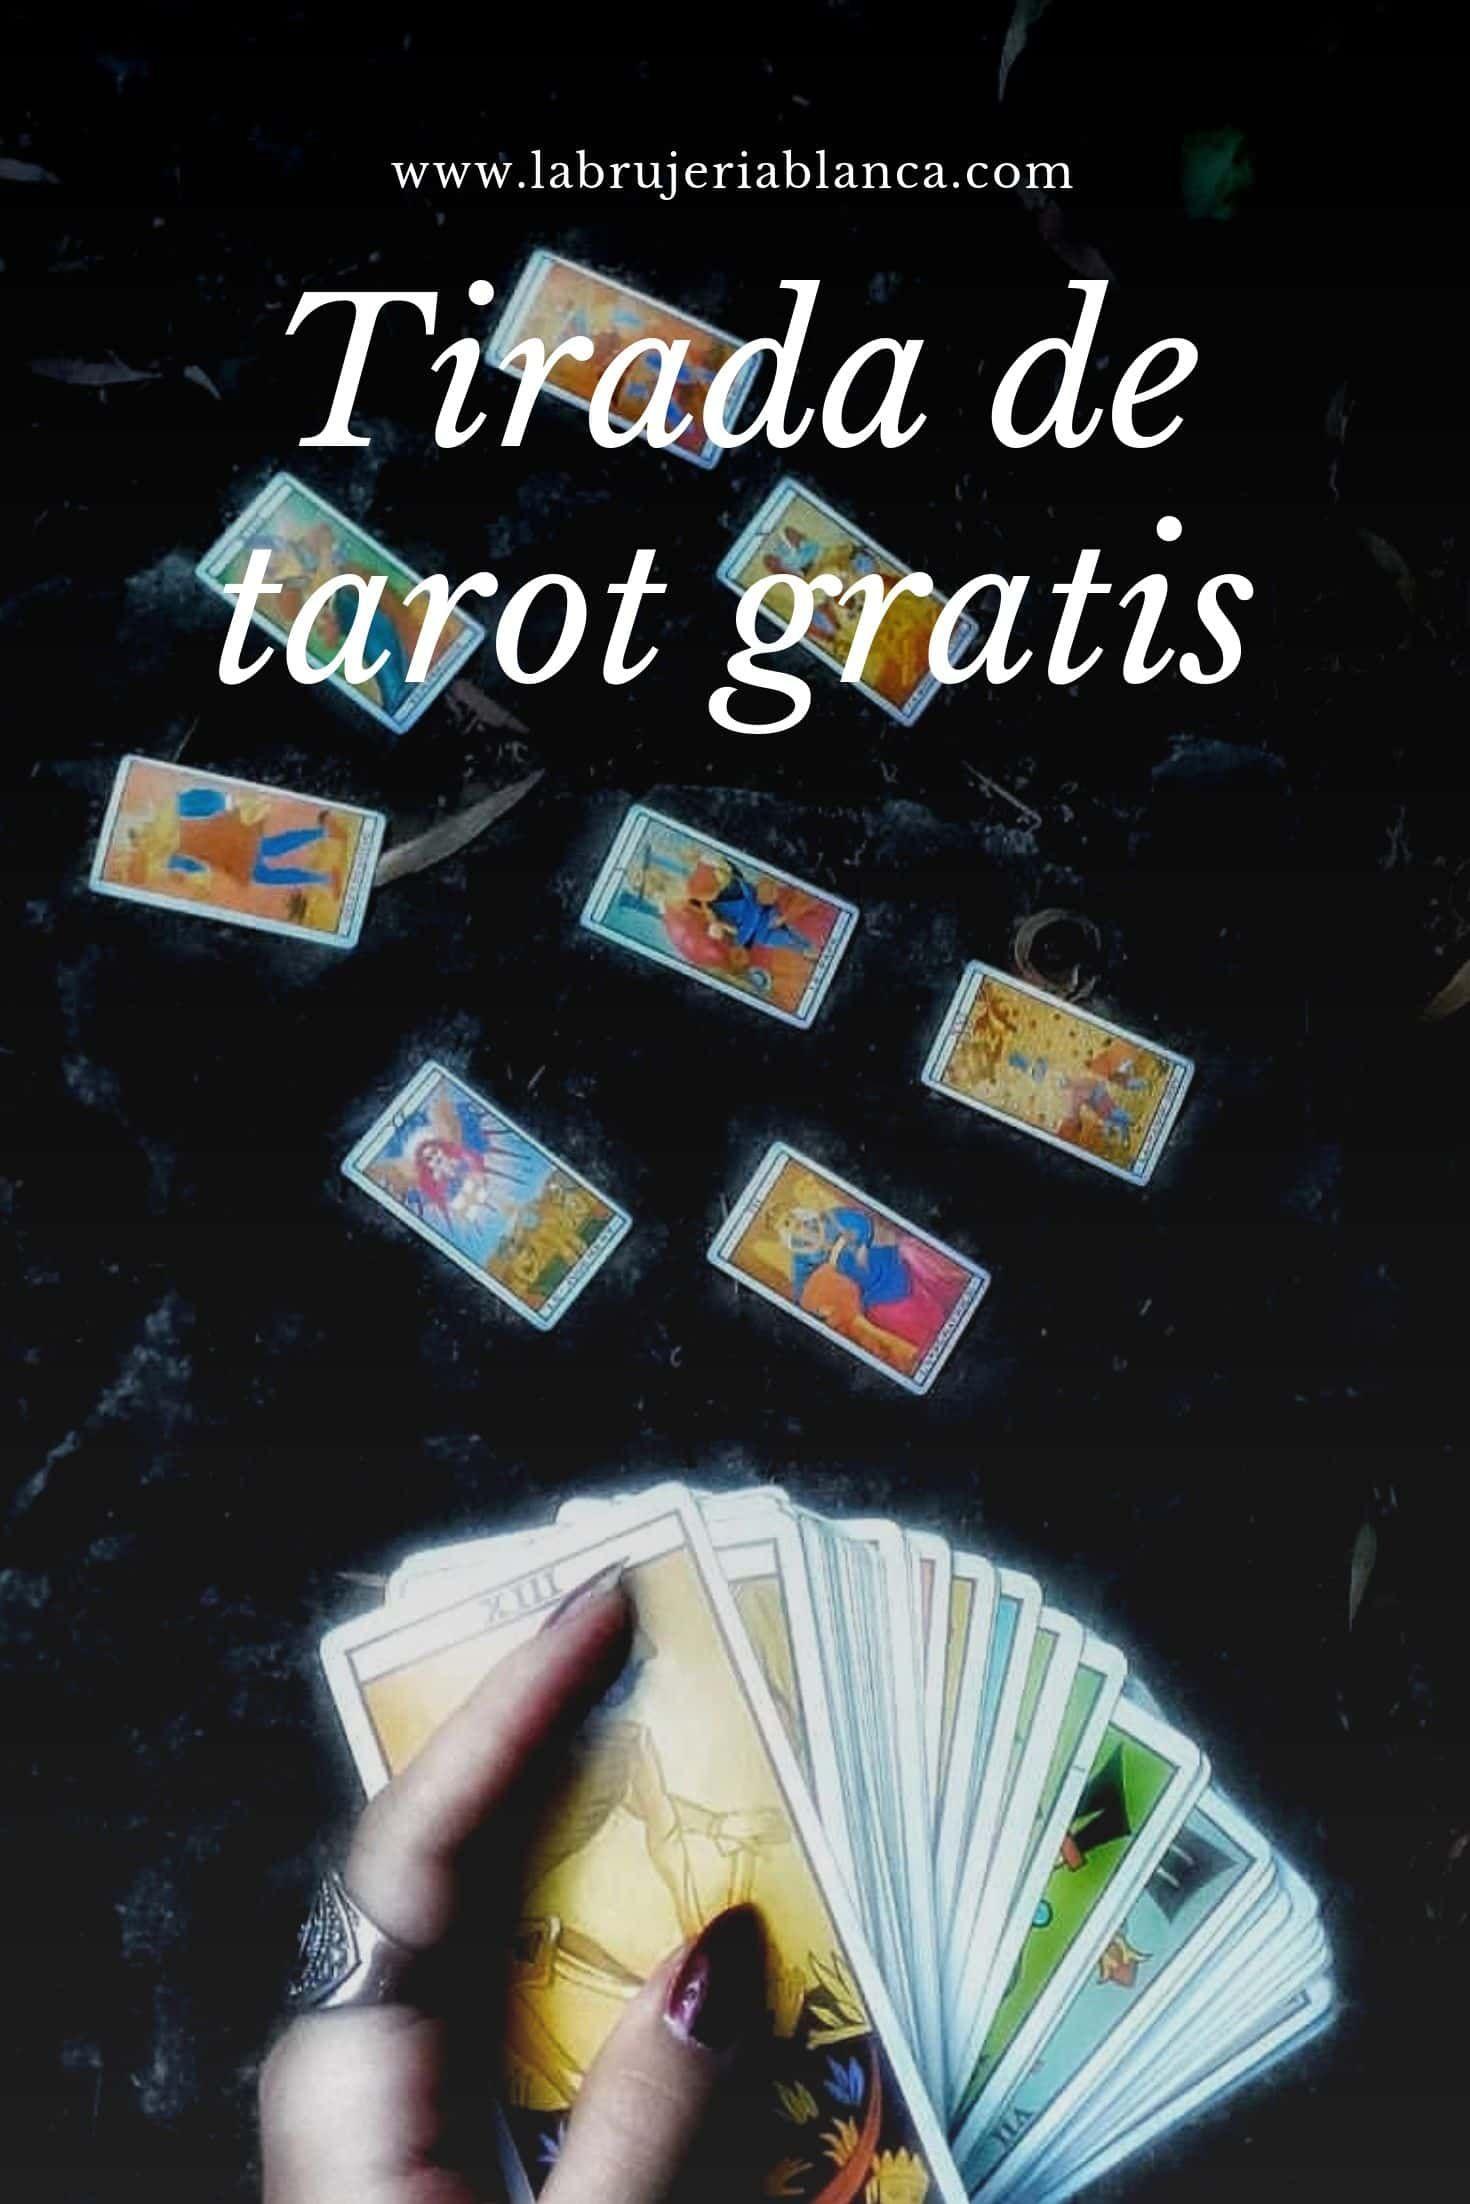 Tirada De Cartas Gratis Tarot Gratis Tarot Gratis